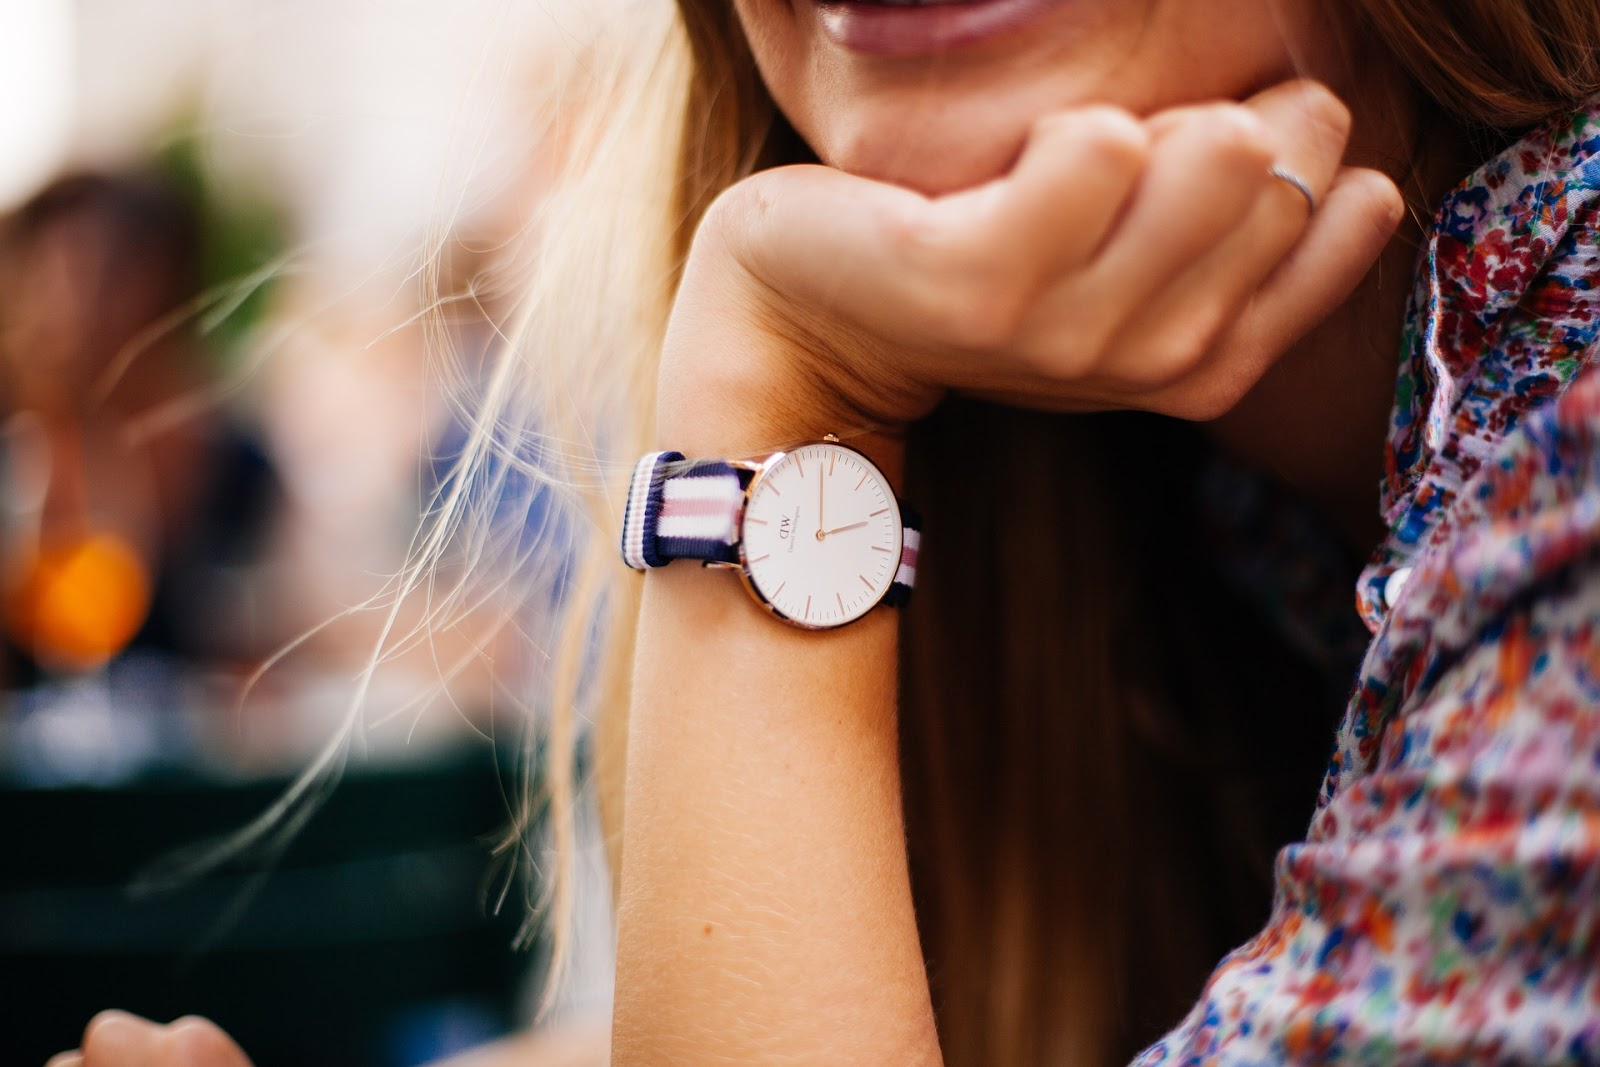 Damenuhren 2017 sportlich  Uhren Trends 2017 Damen – die wichtigsten Neuheiten im Überblick ...